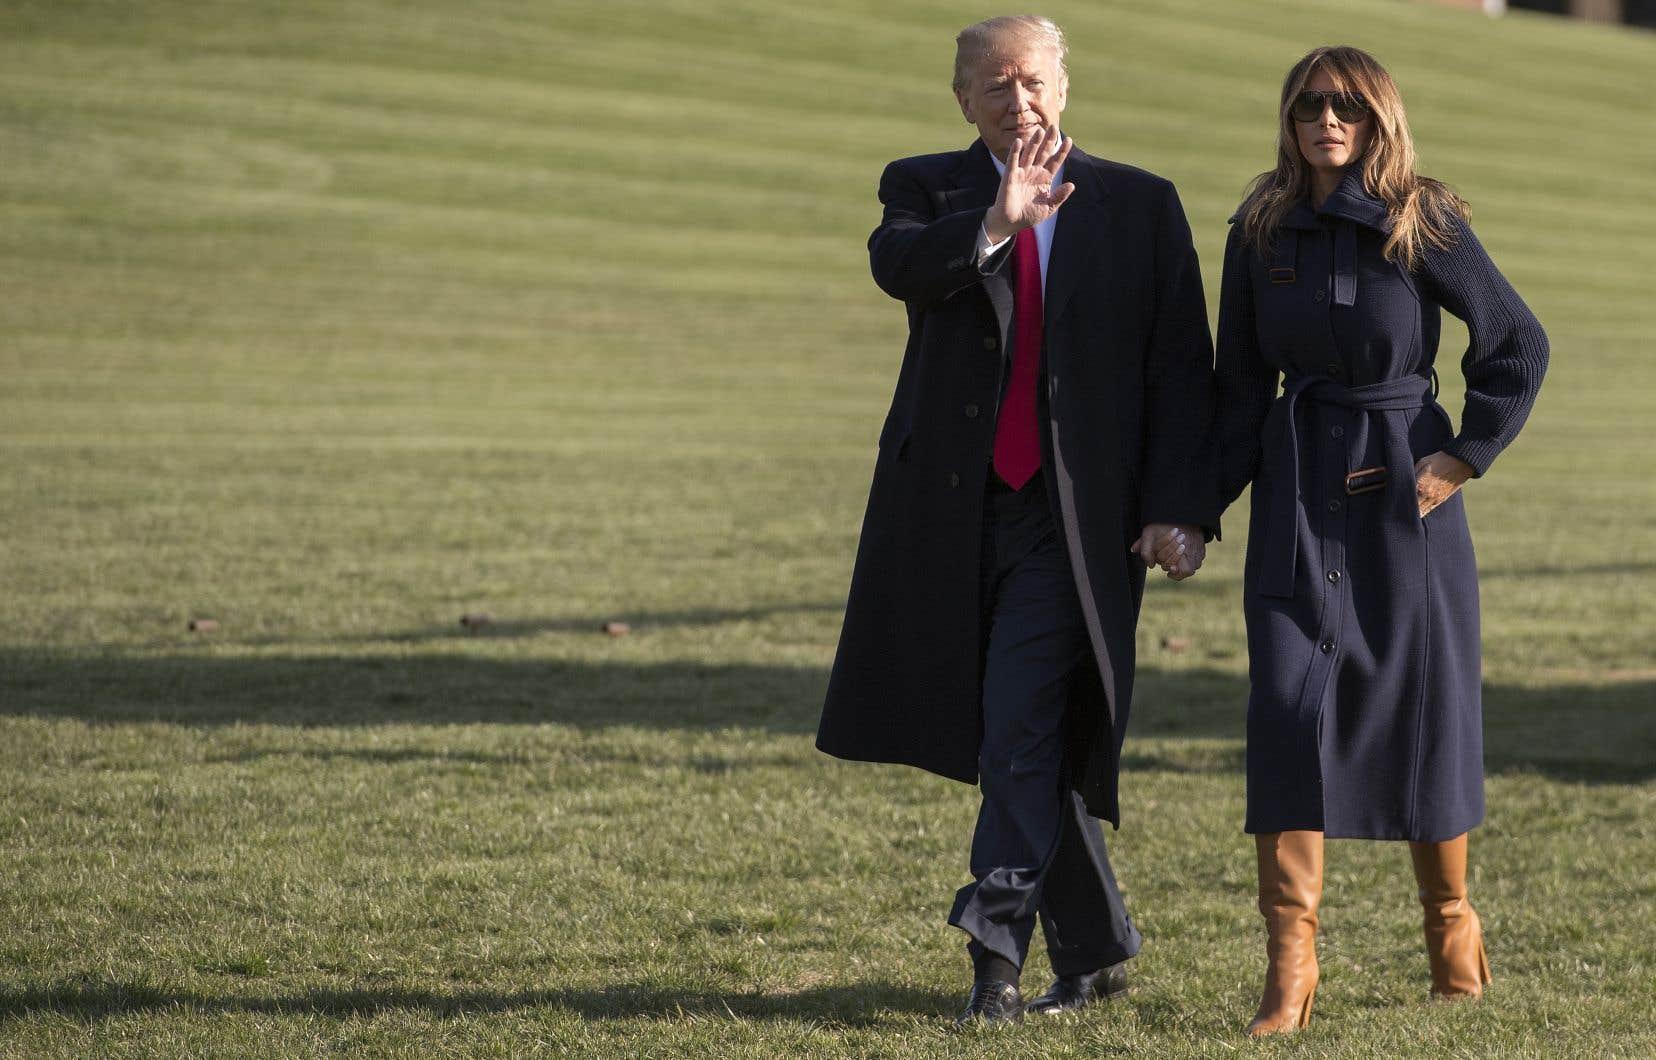 Le président américain aux côtés de sa femme, Melania Trump, la semaine dernière